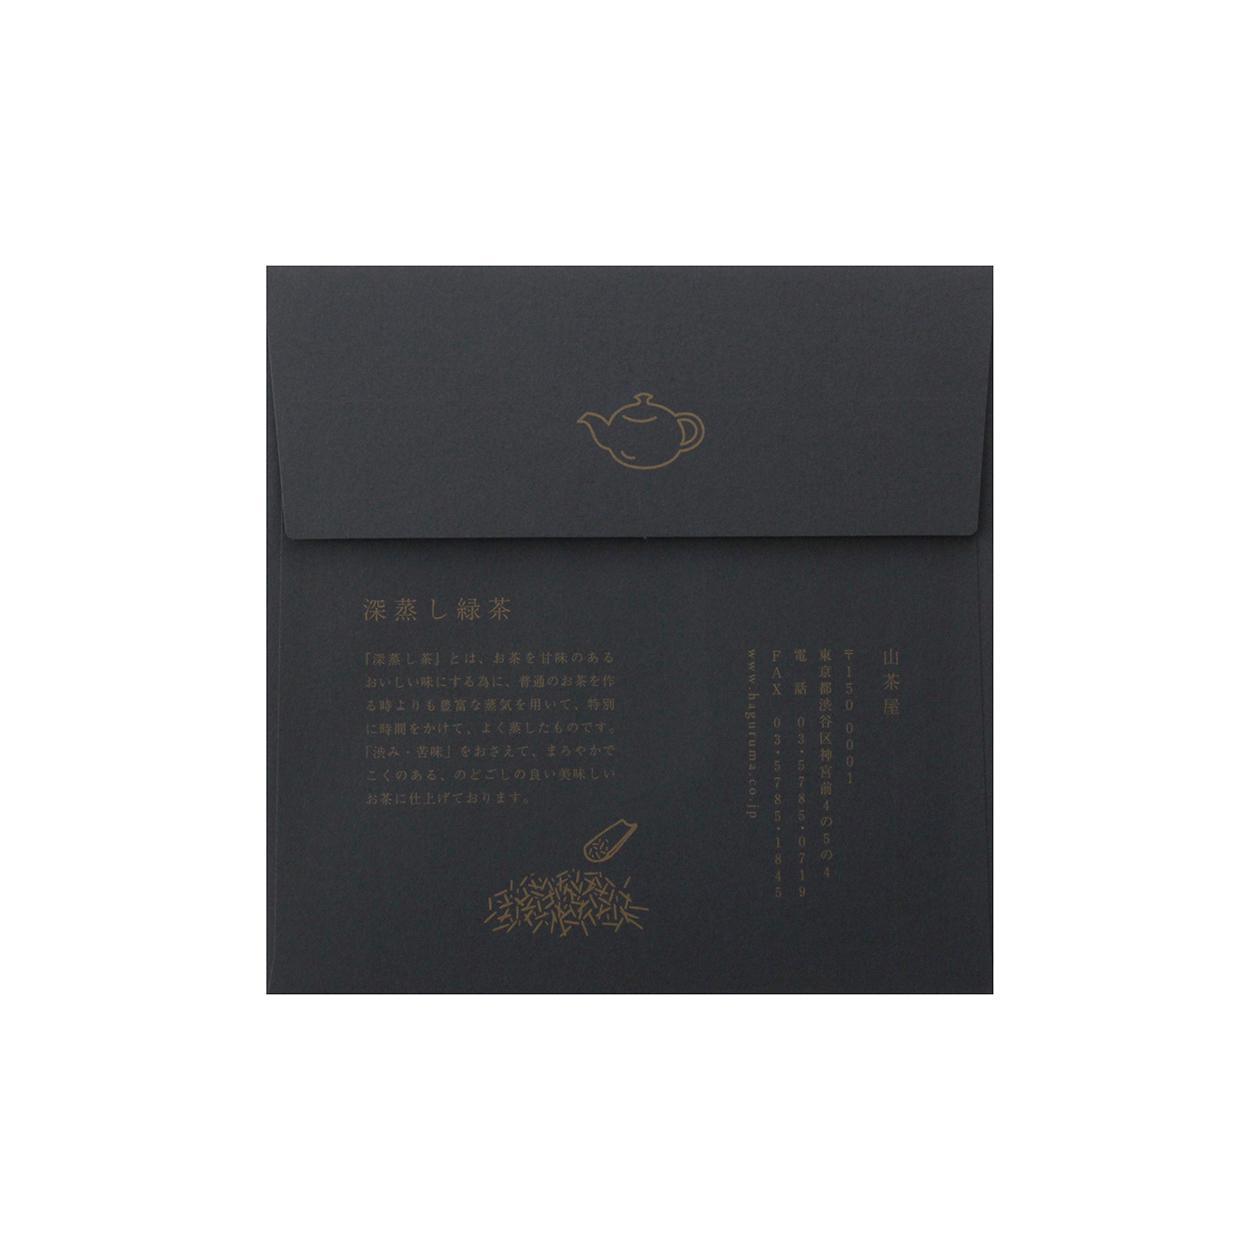 サンプル 封筒・袋 00108